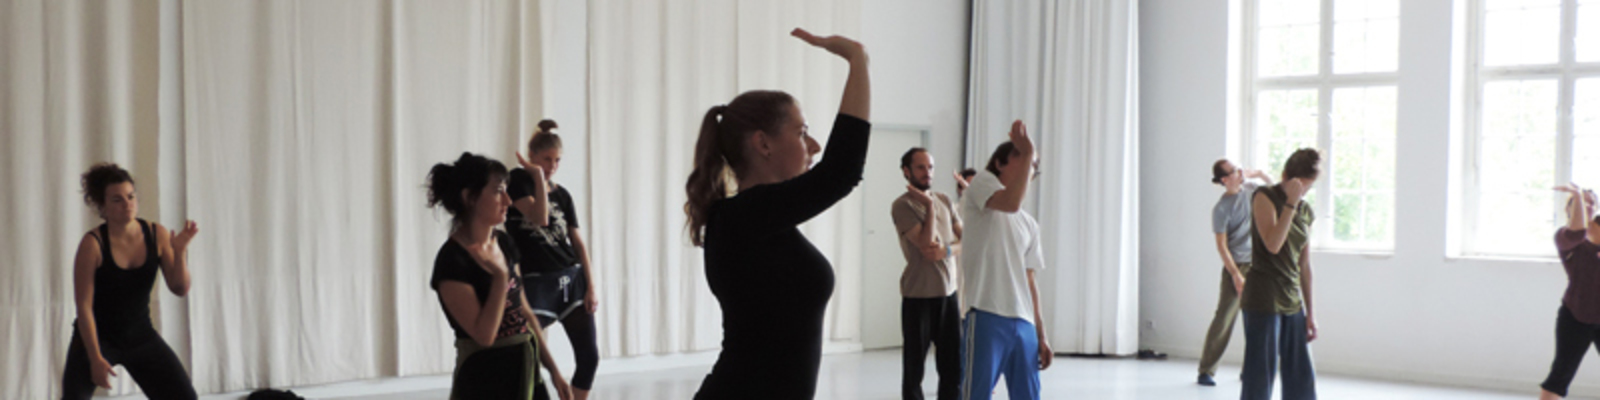 Théâtre Physique - Plateforme de la jeune création franco-allemande